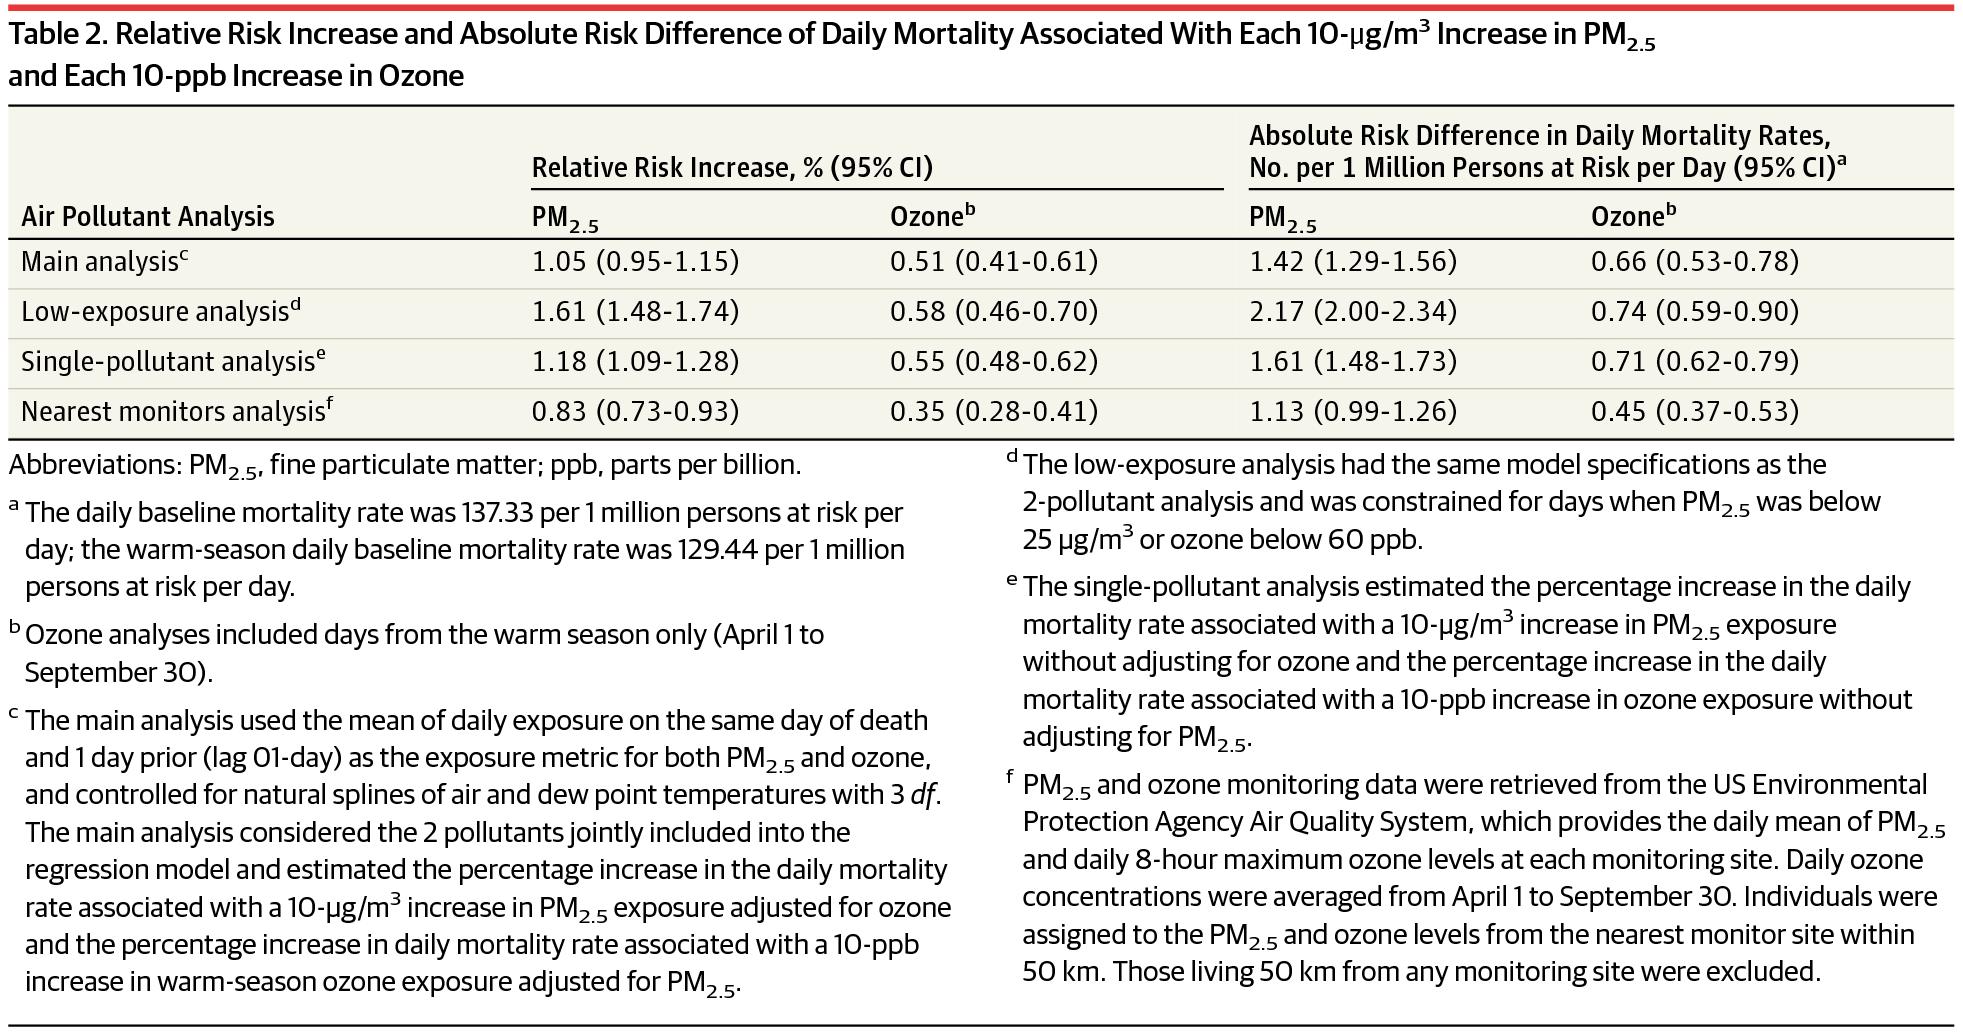 [JAMA最新论文]:空气污染短期暴露与老年人死亡率的相关性